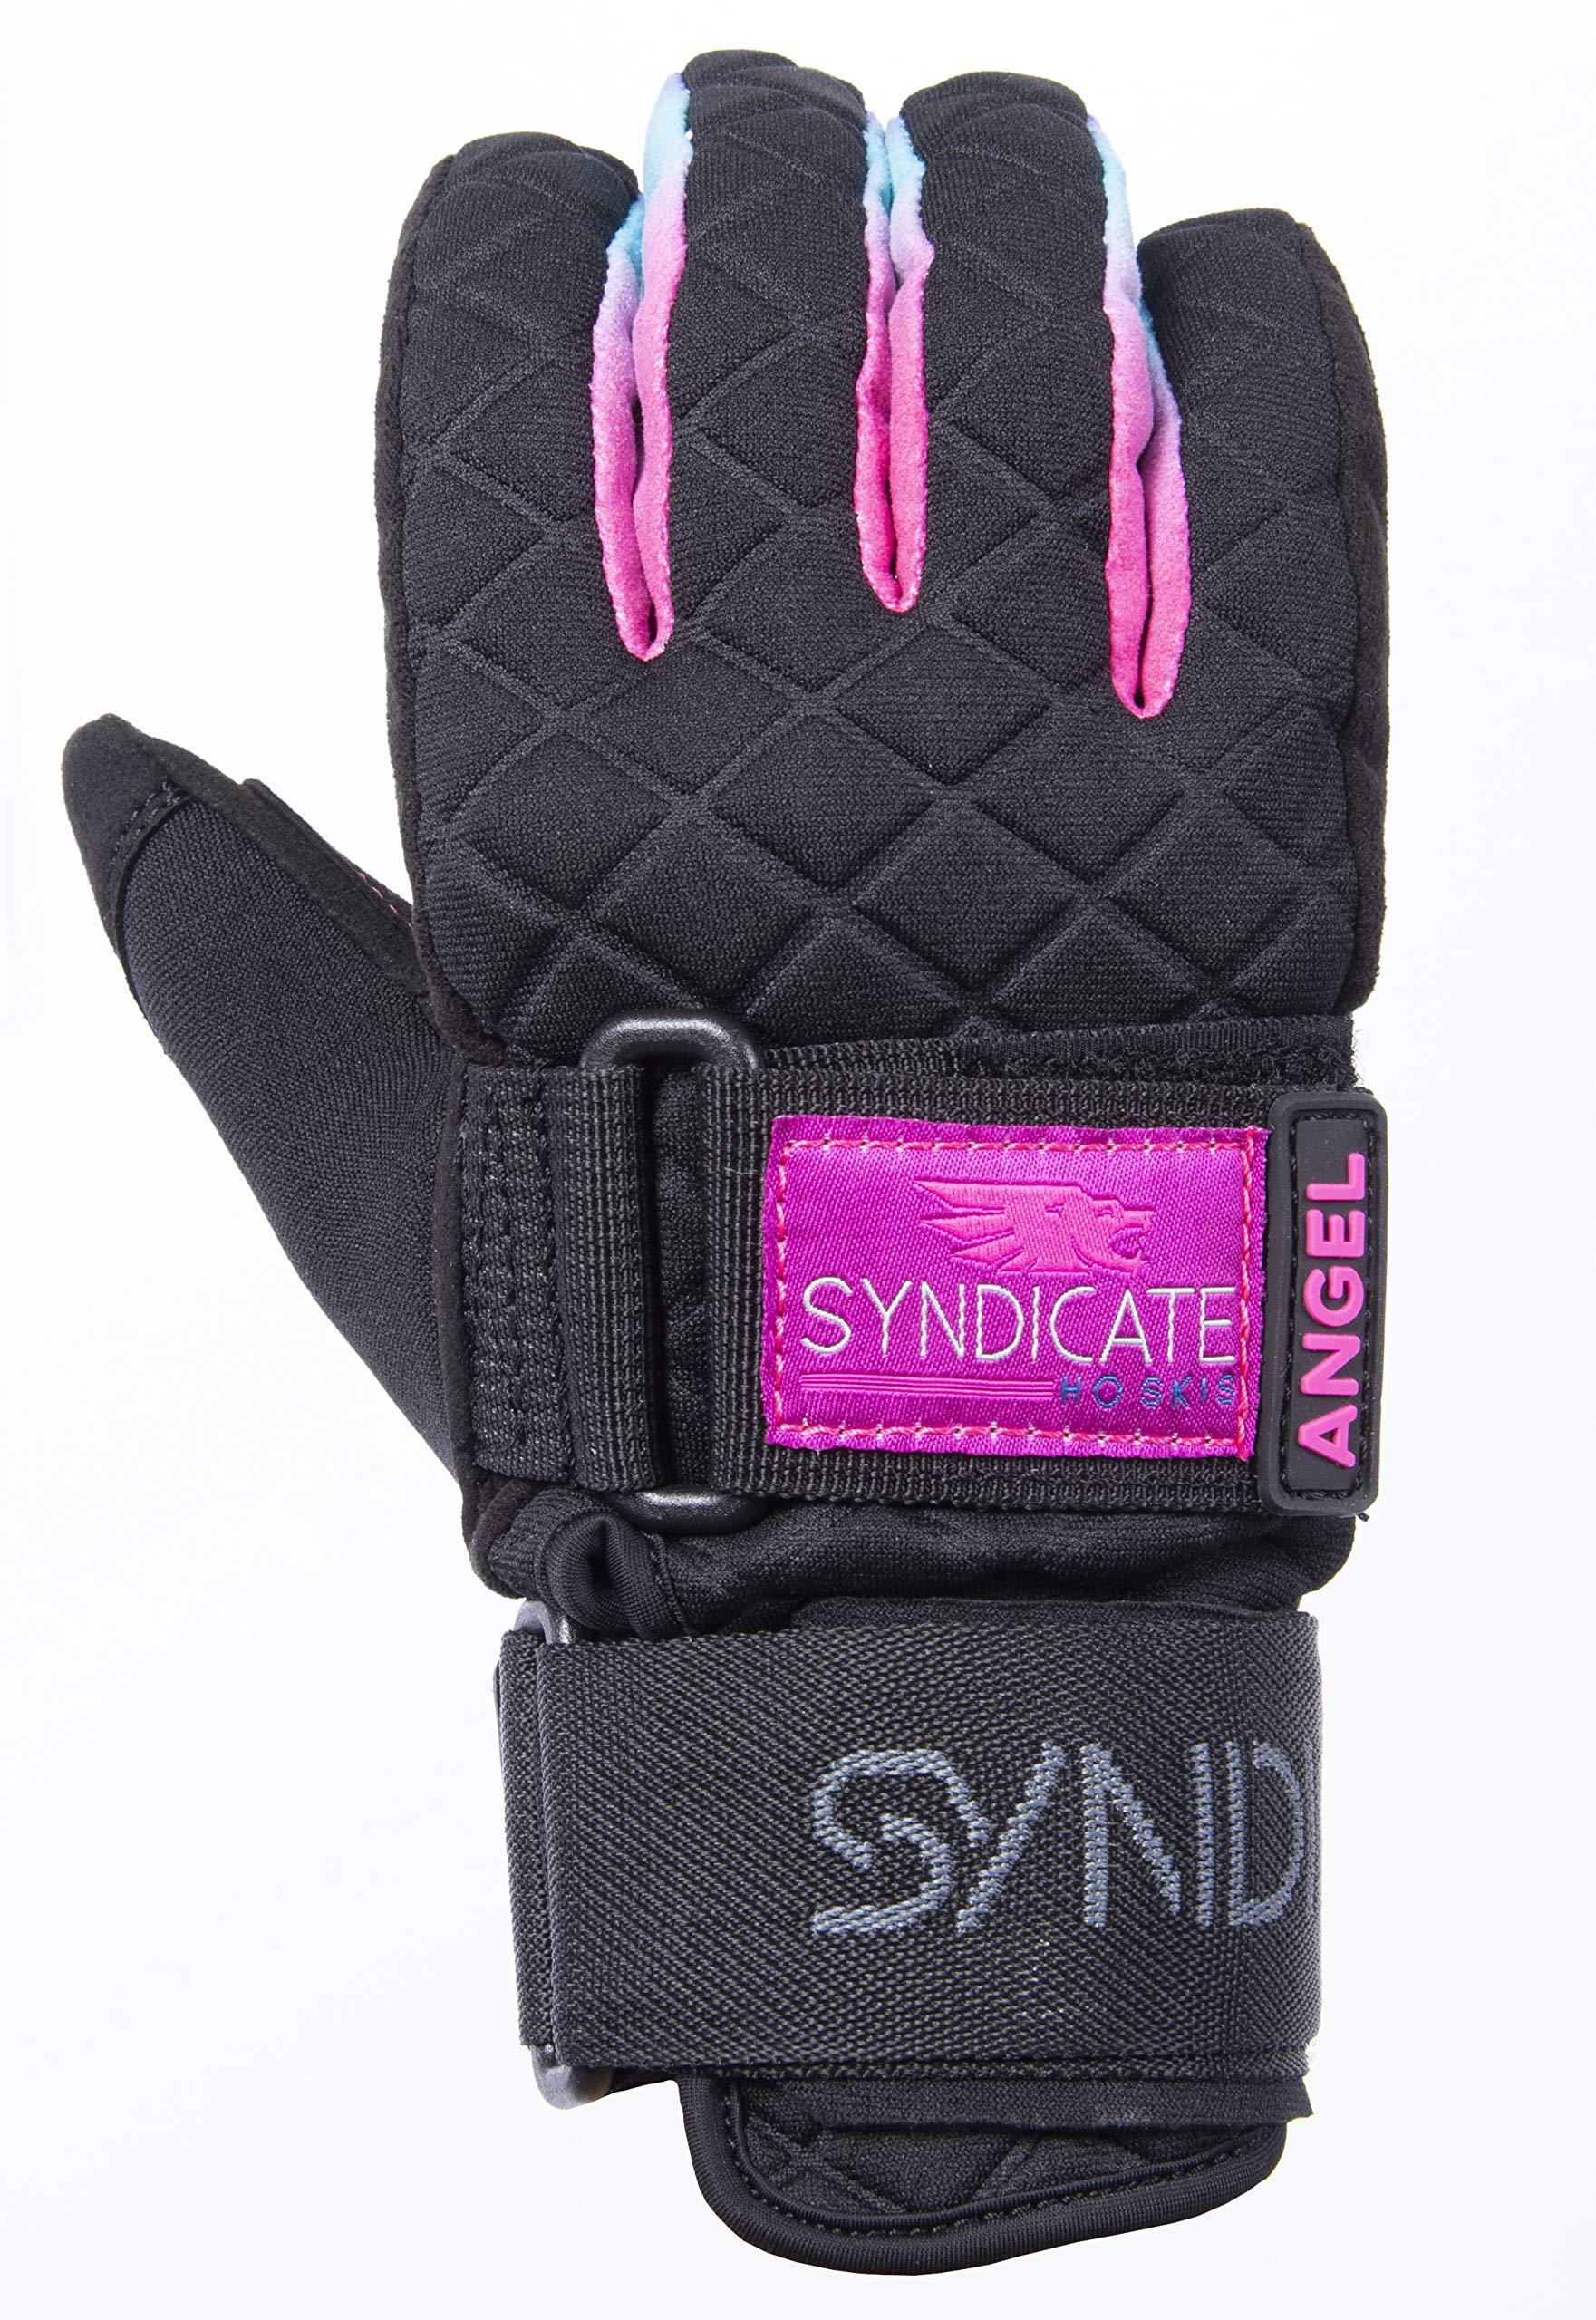 Ho Women's Syndicate Angel Waterski Glove Black/Pink (L) by HO Sports